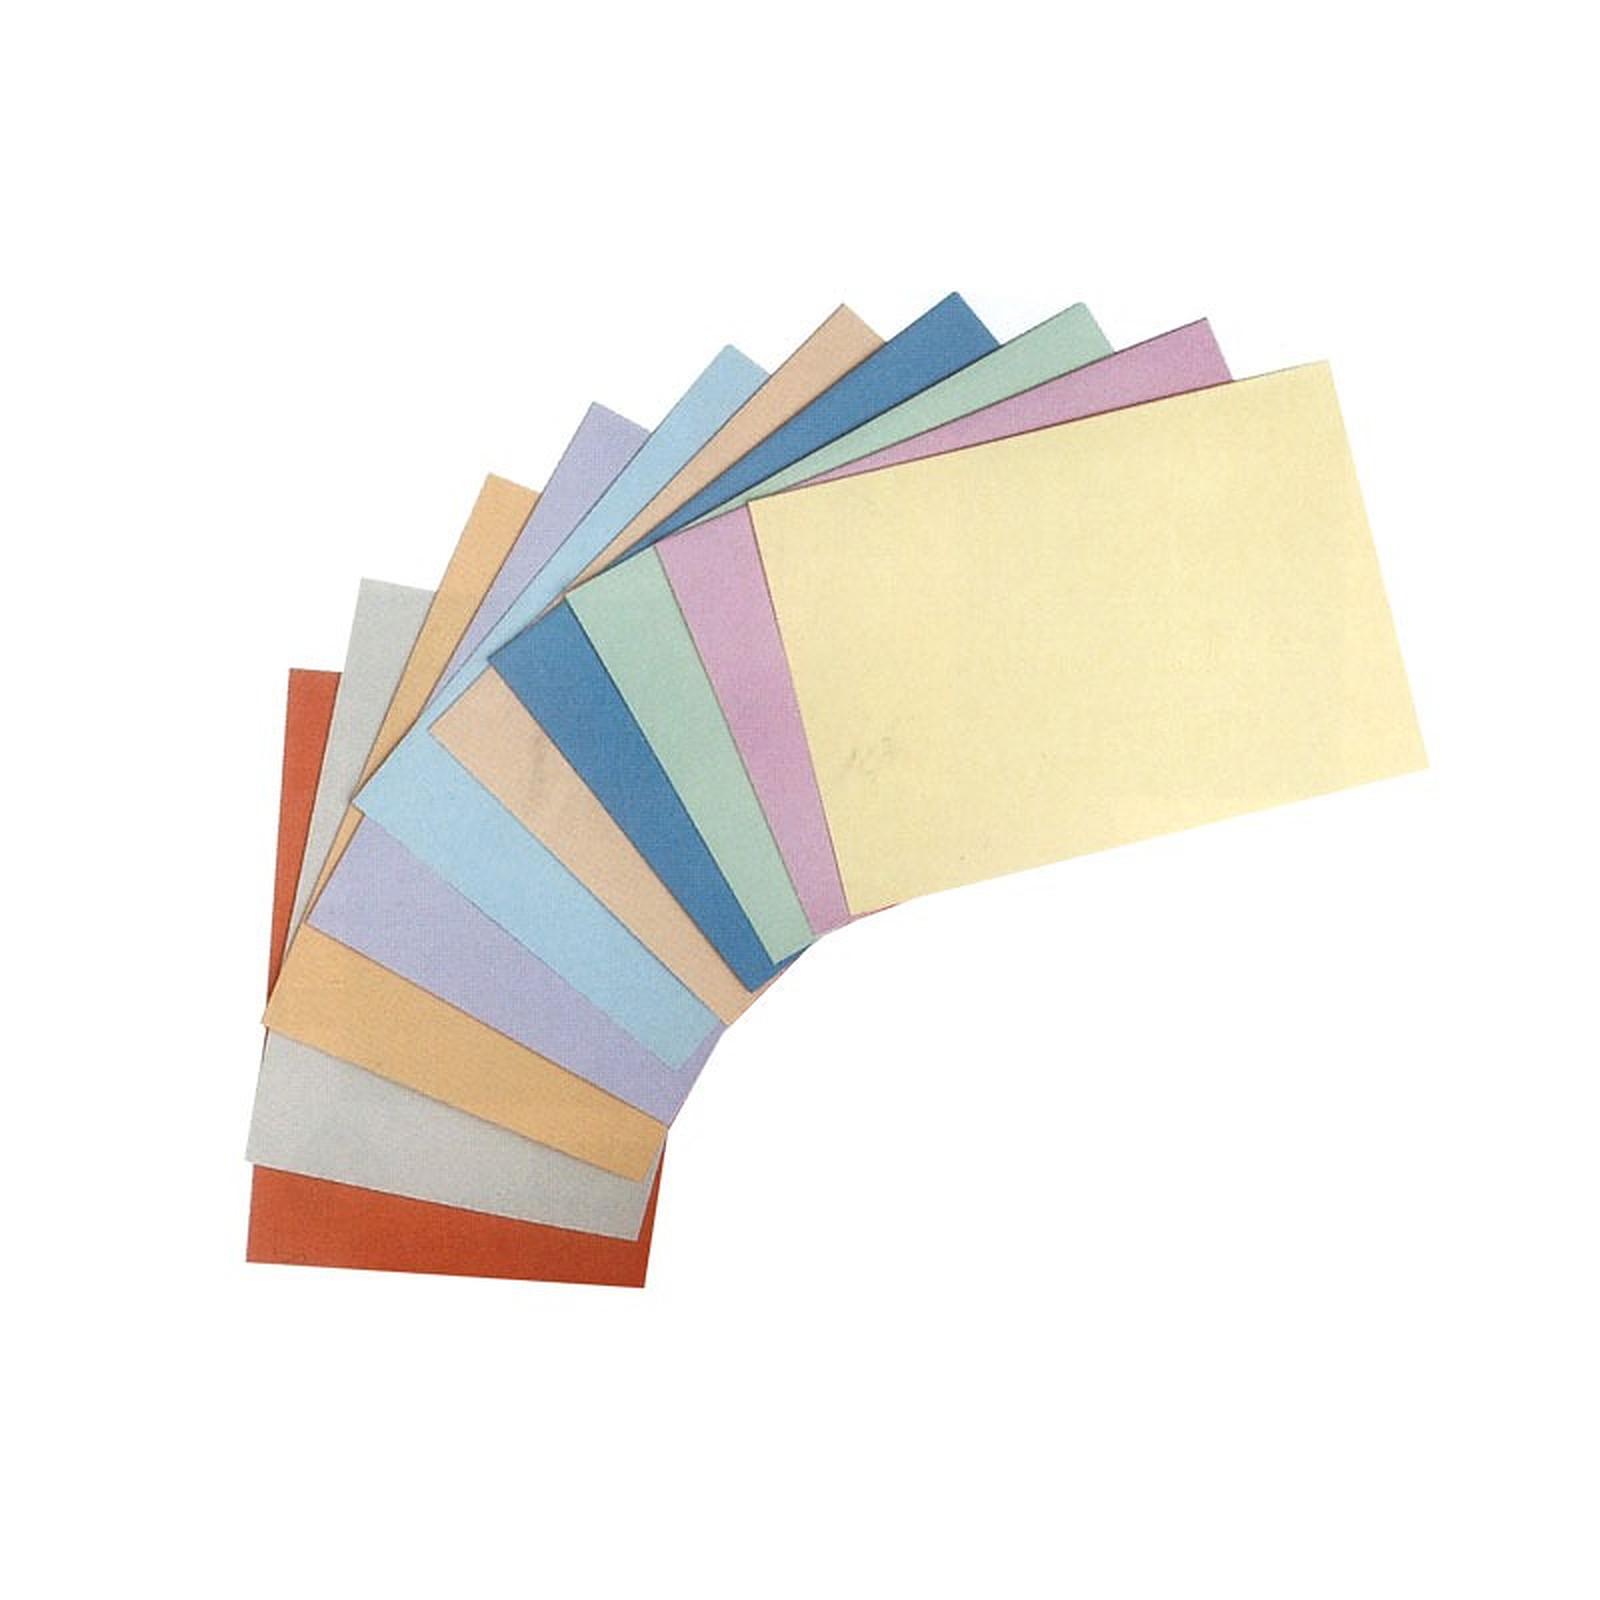 Rainex 30 Sous-chemises 22 x 31 cm 80 g - 10 coloris assortis